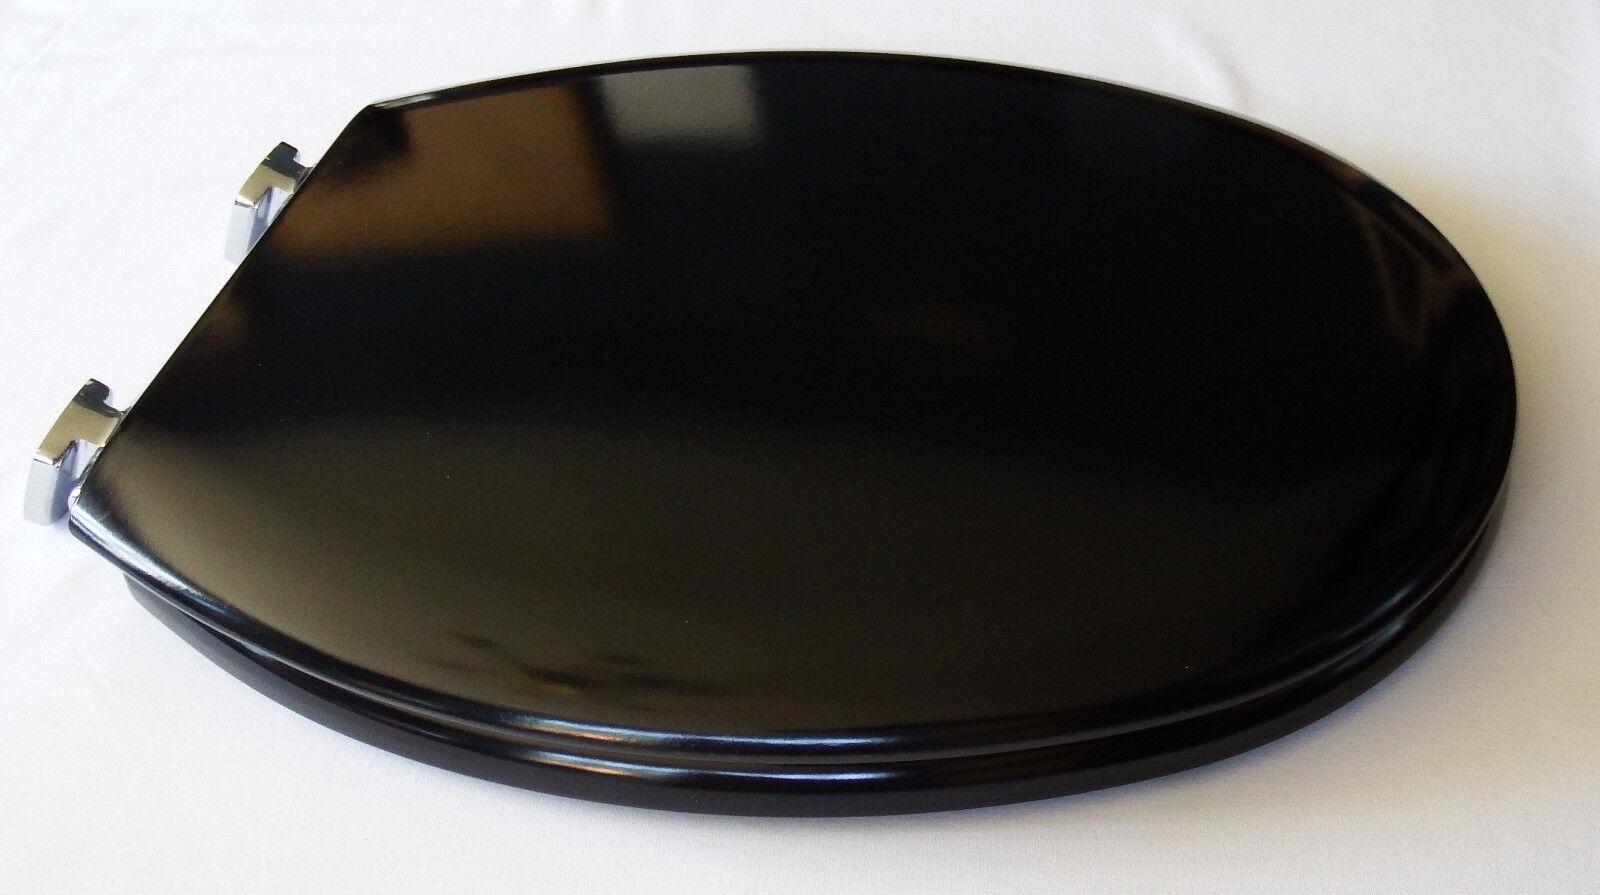 Bemis 4100 CL New York soft close en bois siège de toilette Noir & Chrome Charnière